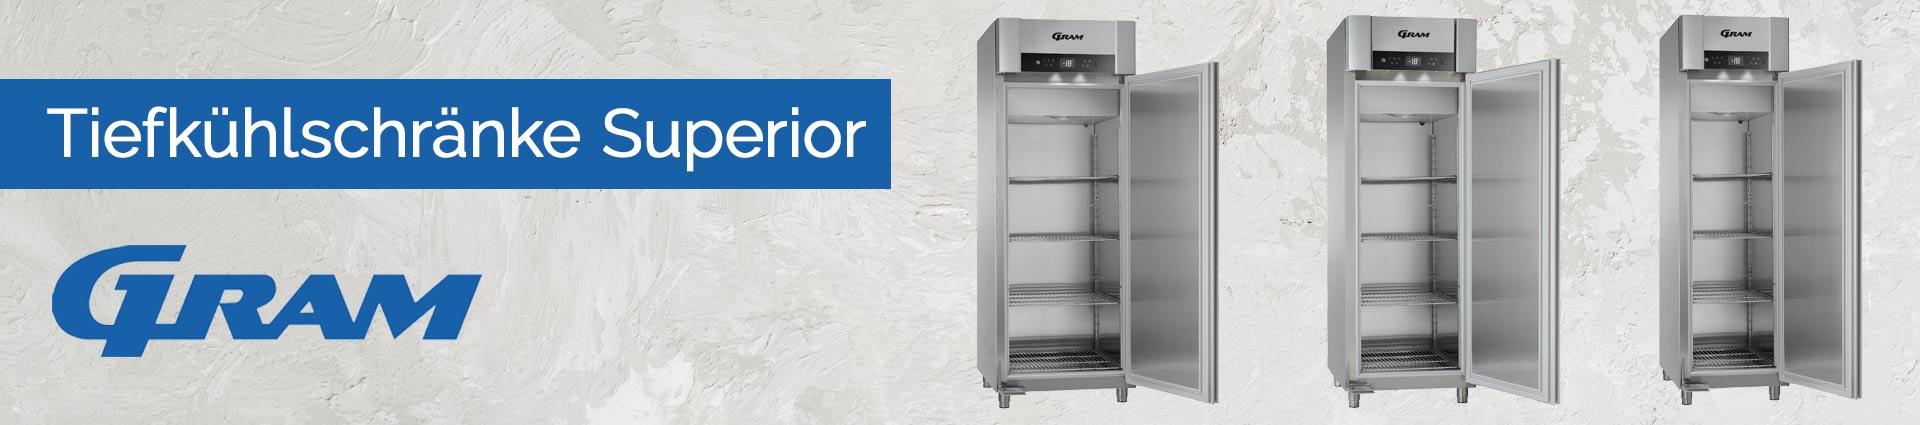 GRAM Tiefkühlschränke Superior Banner